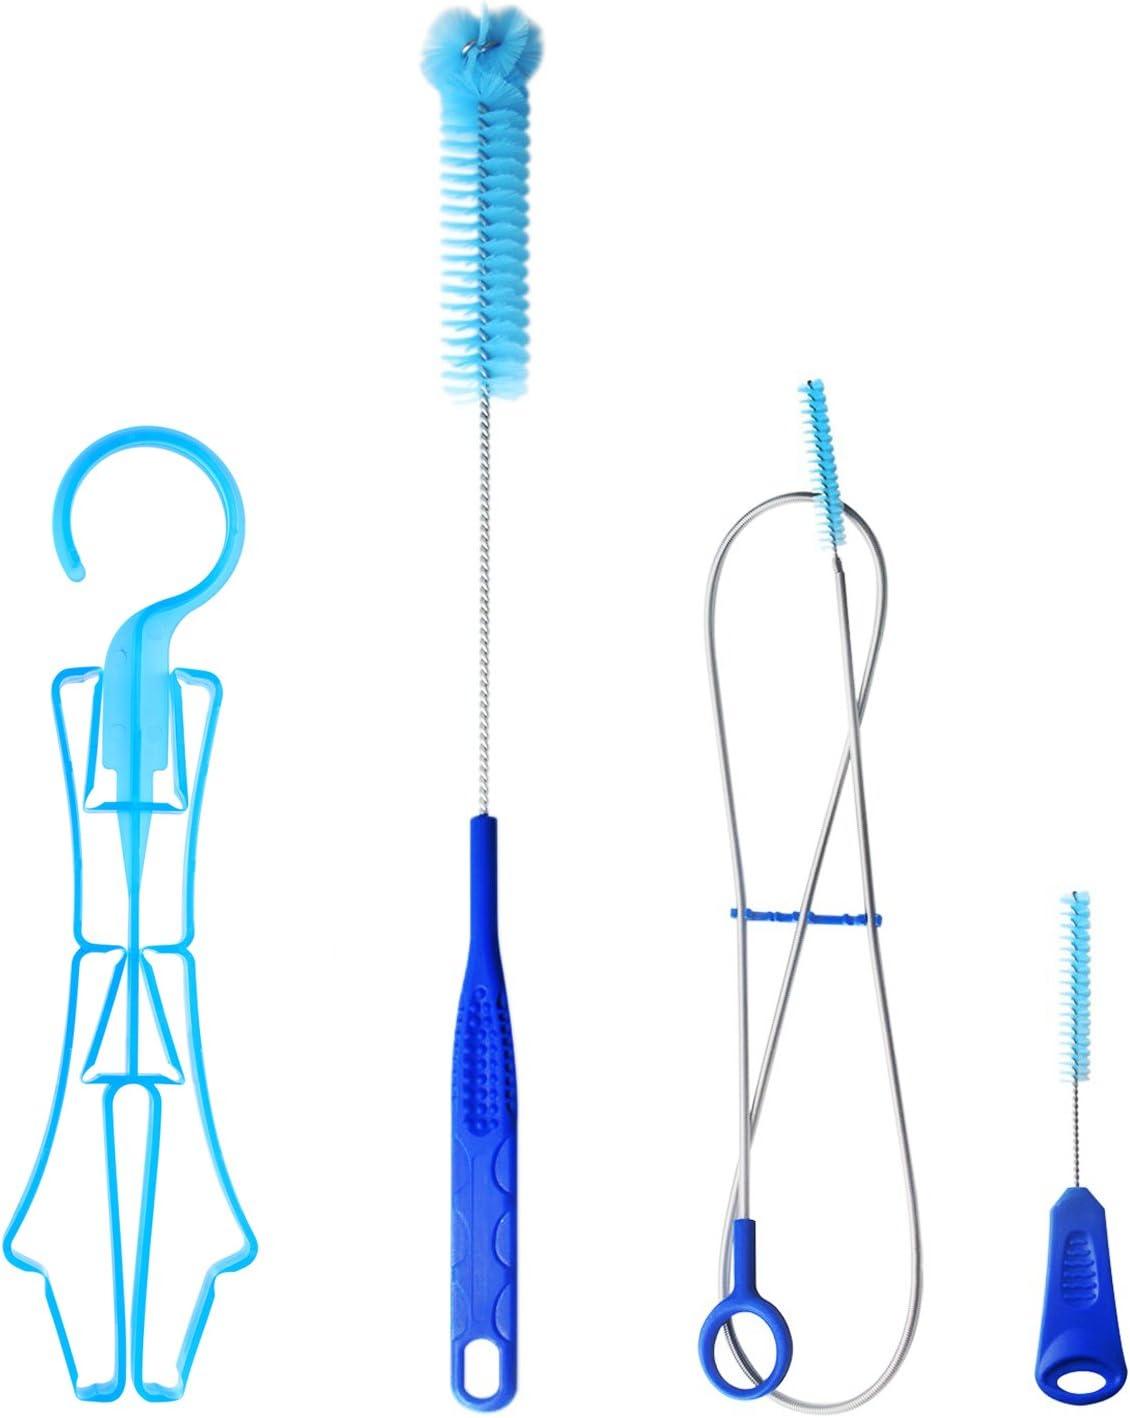 Tagvo Kit de Limpieza de la vejiga de hidratación para el depósito de Agua Universal, Juego de Limpieza 4 en 1